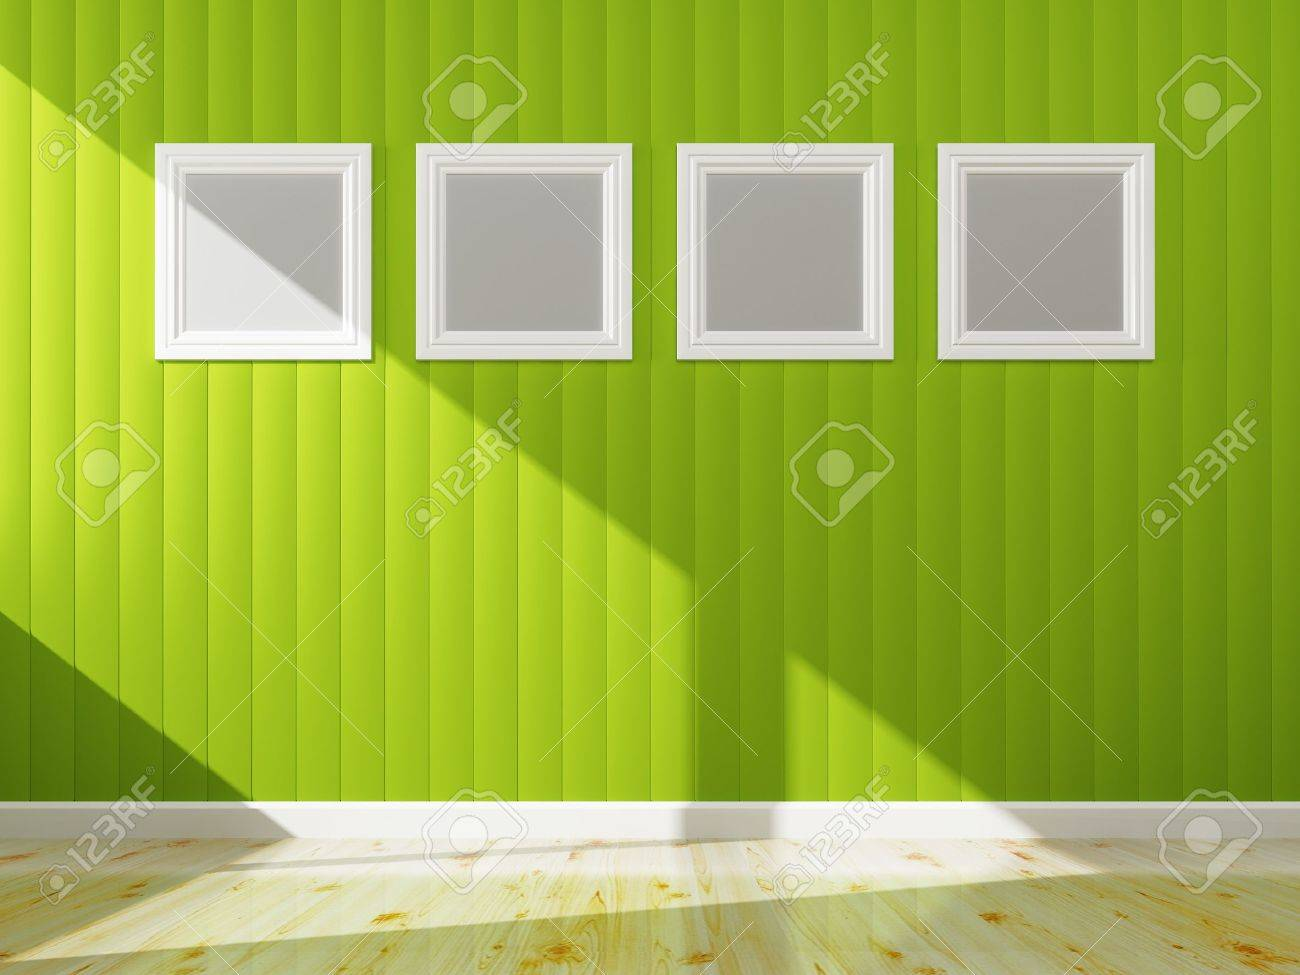 Groene muur kleur en wit frame van interieur, 3d rendering royalty ...